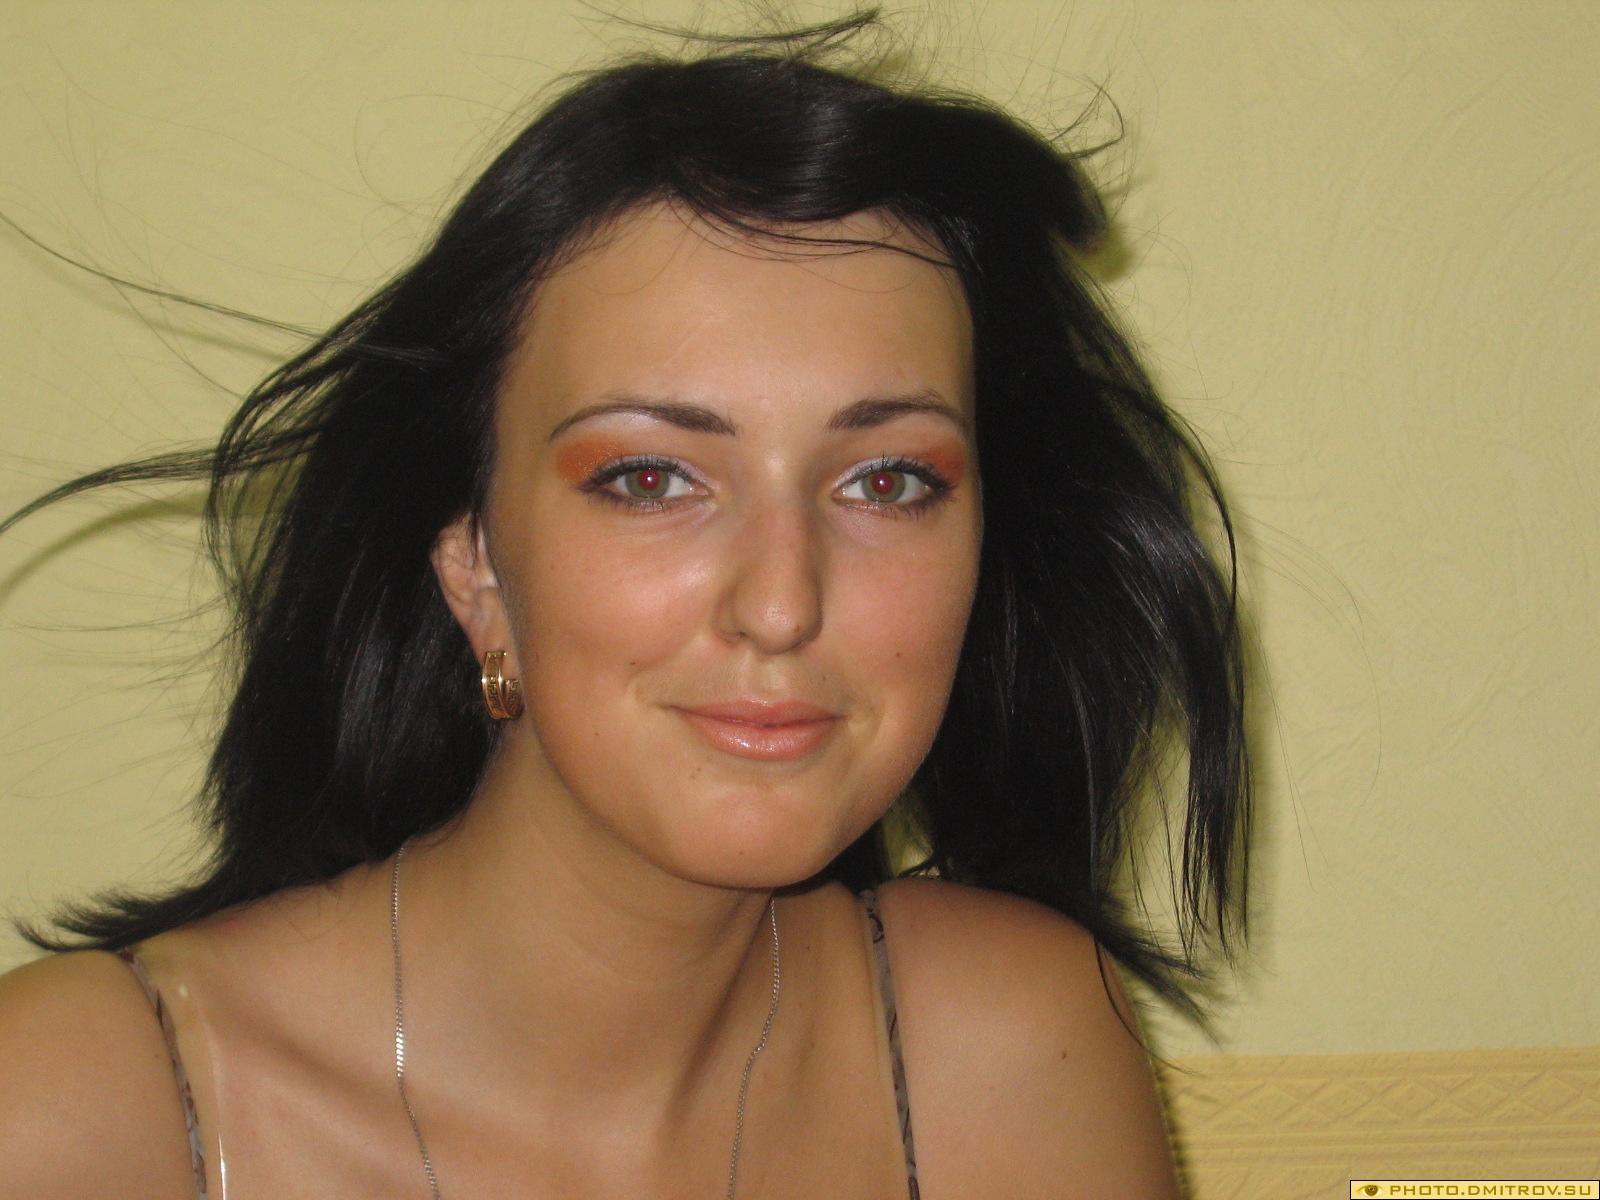 Таис афинская смотреть онлайн 6 фотография